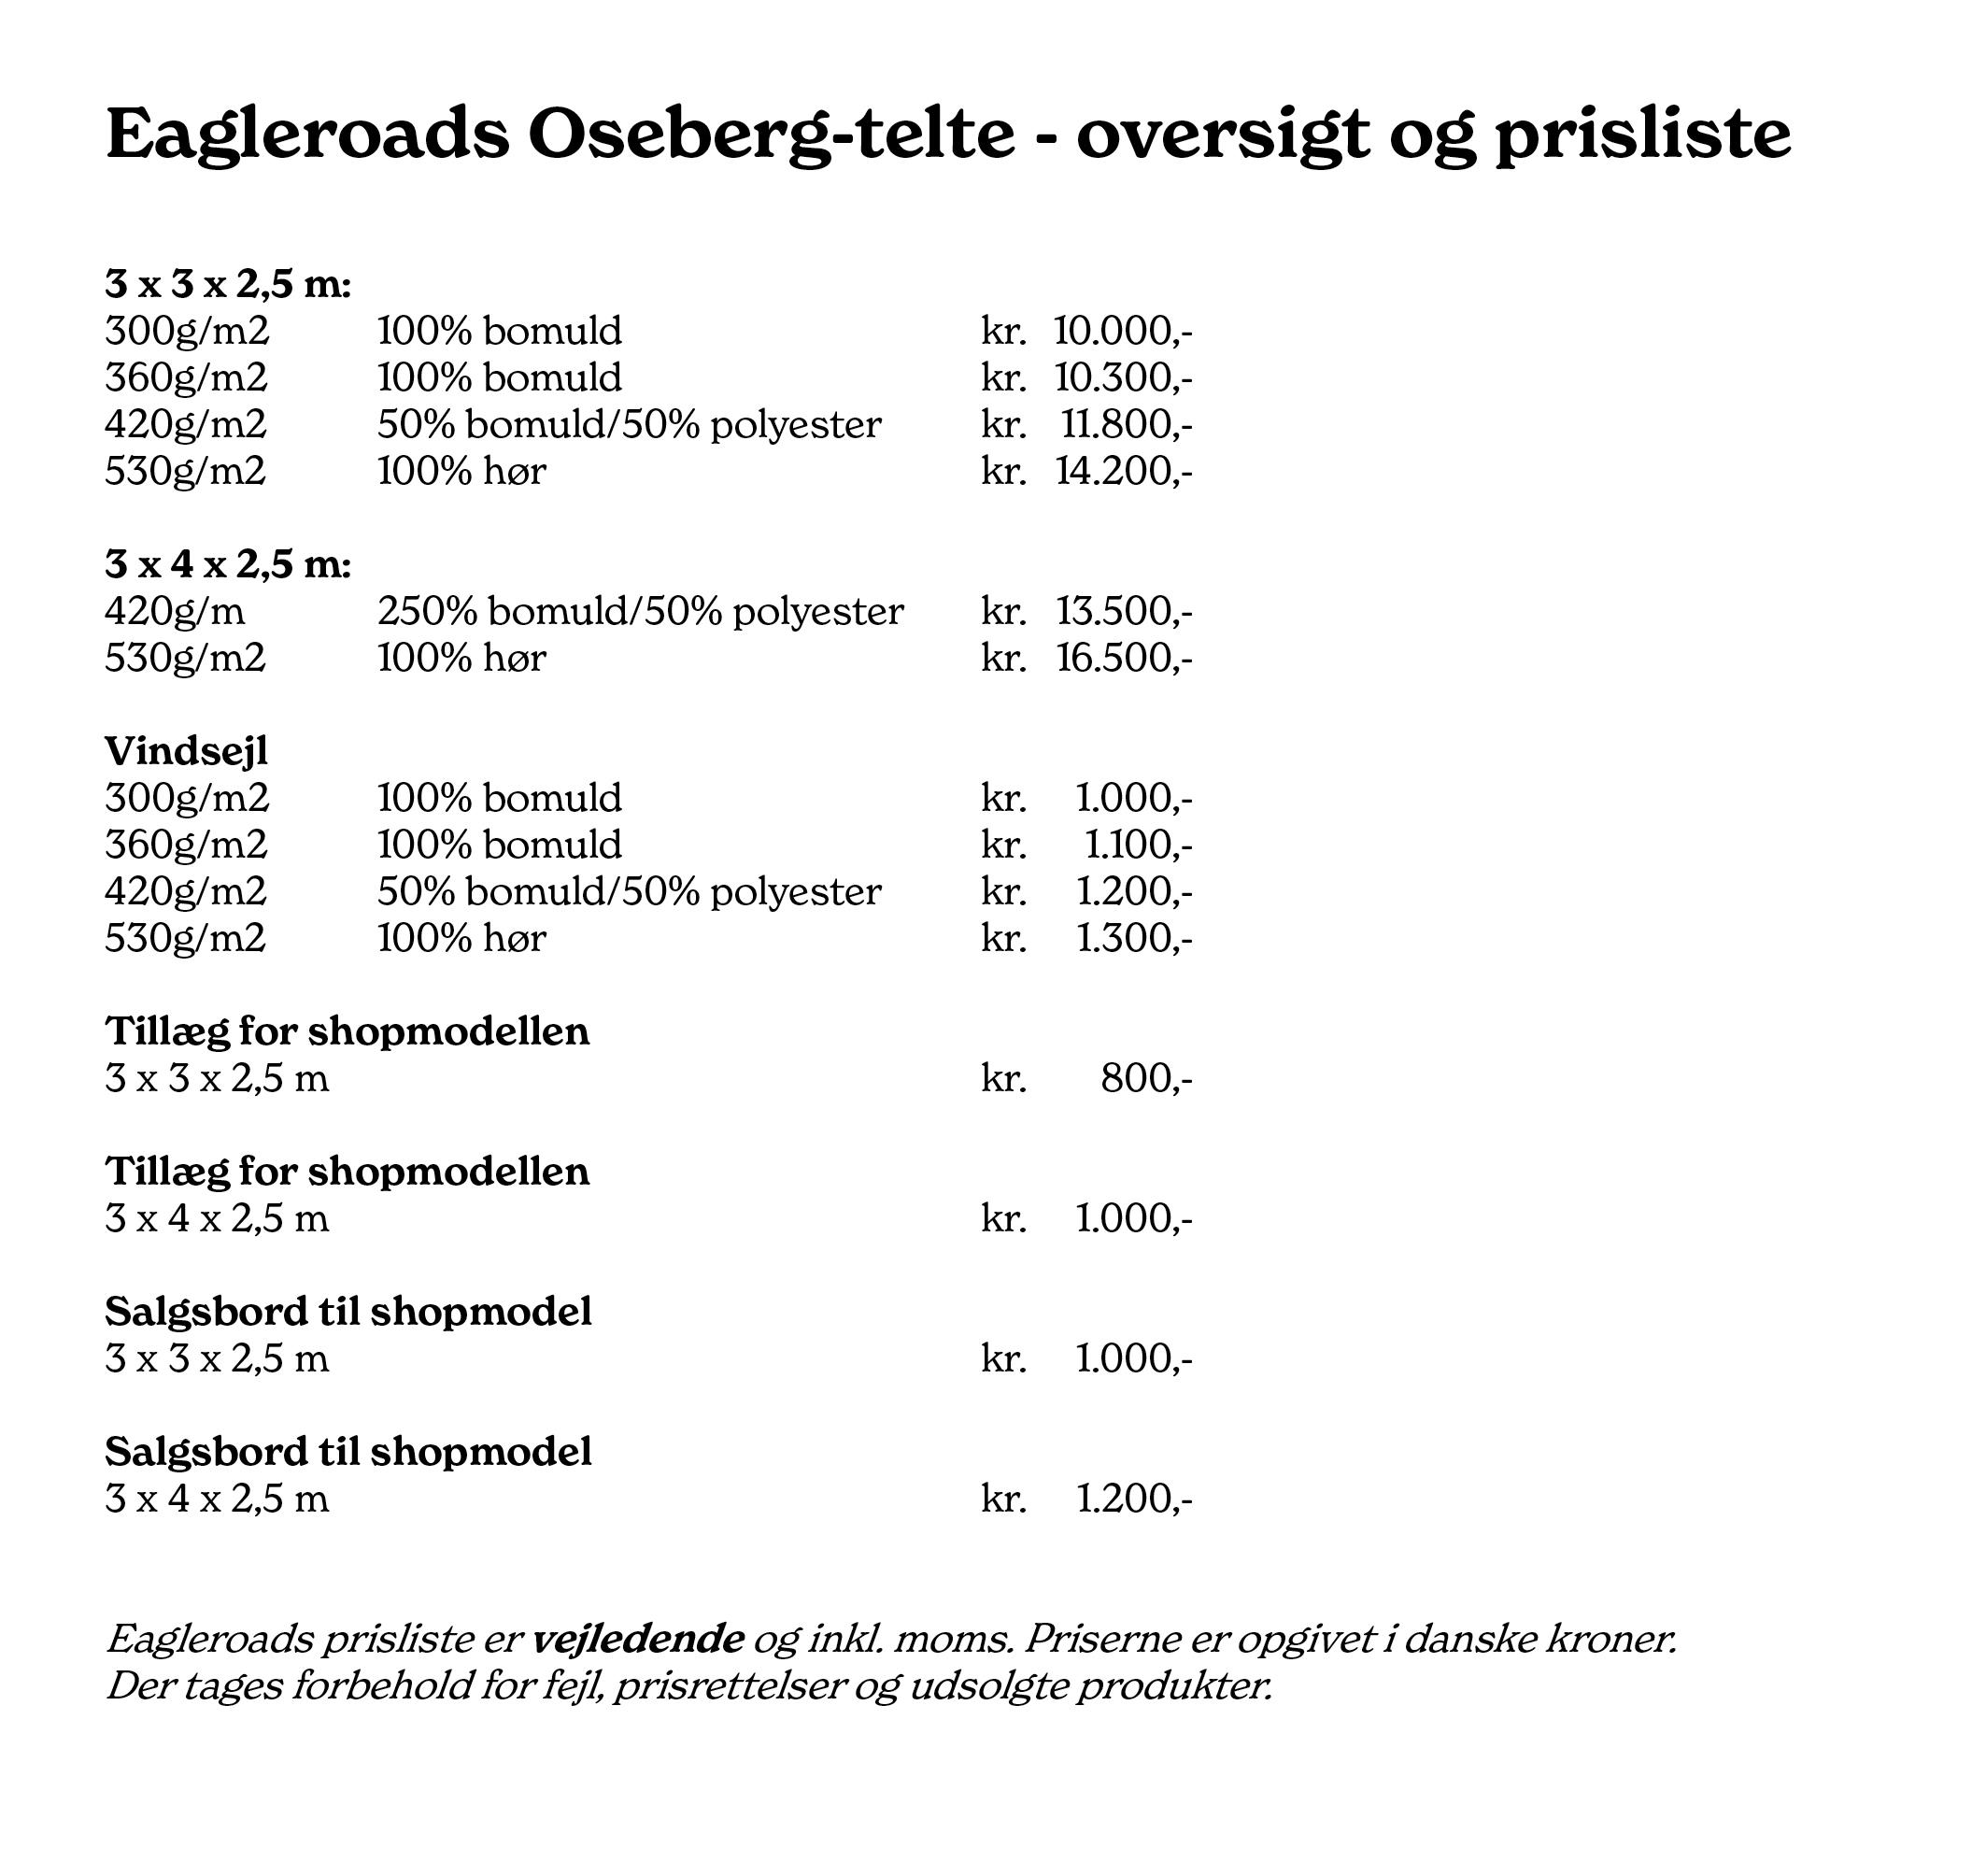 Oseberg telte